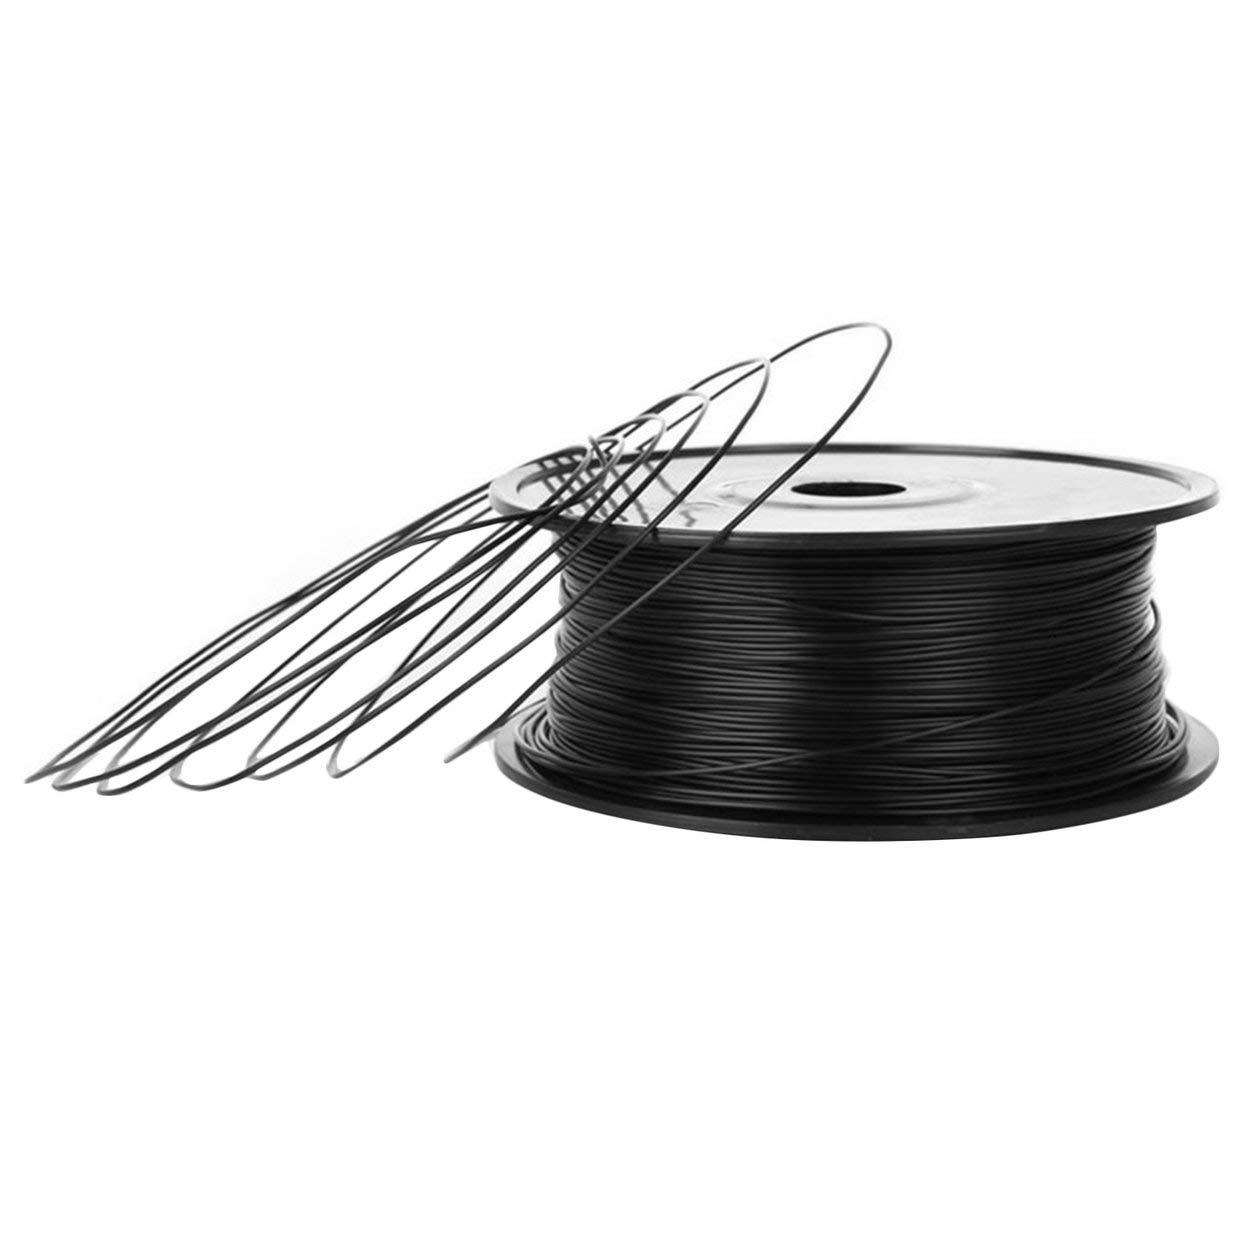 Lorenlli Filamento de Impresora 3D de Alta Resistencia Baja ...